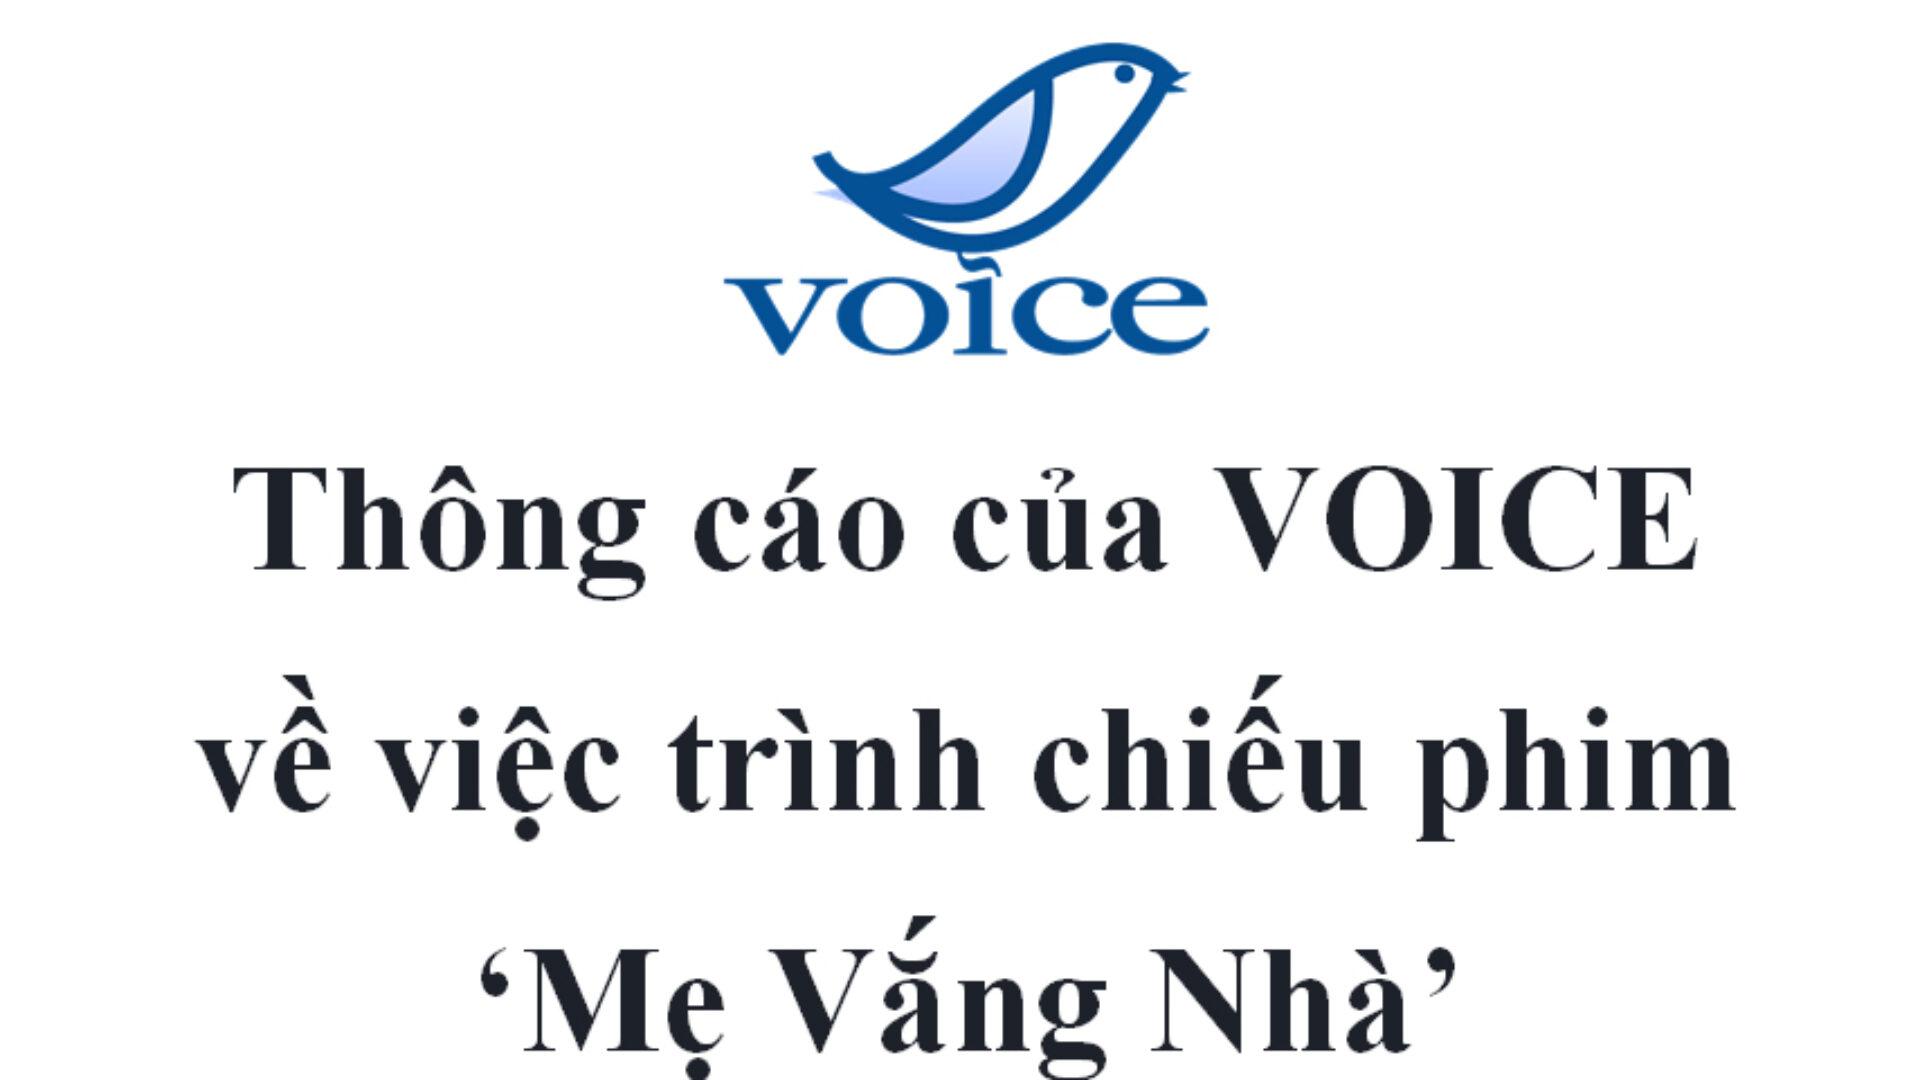 Thông cáo của VOICE về việc trình chiếu phim 'Mẹ Vắng Nhà'